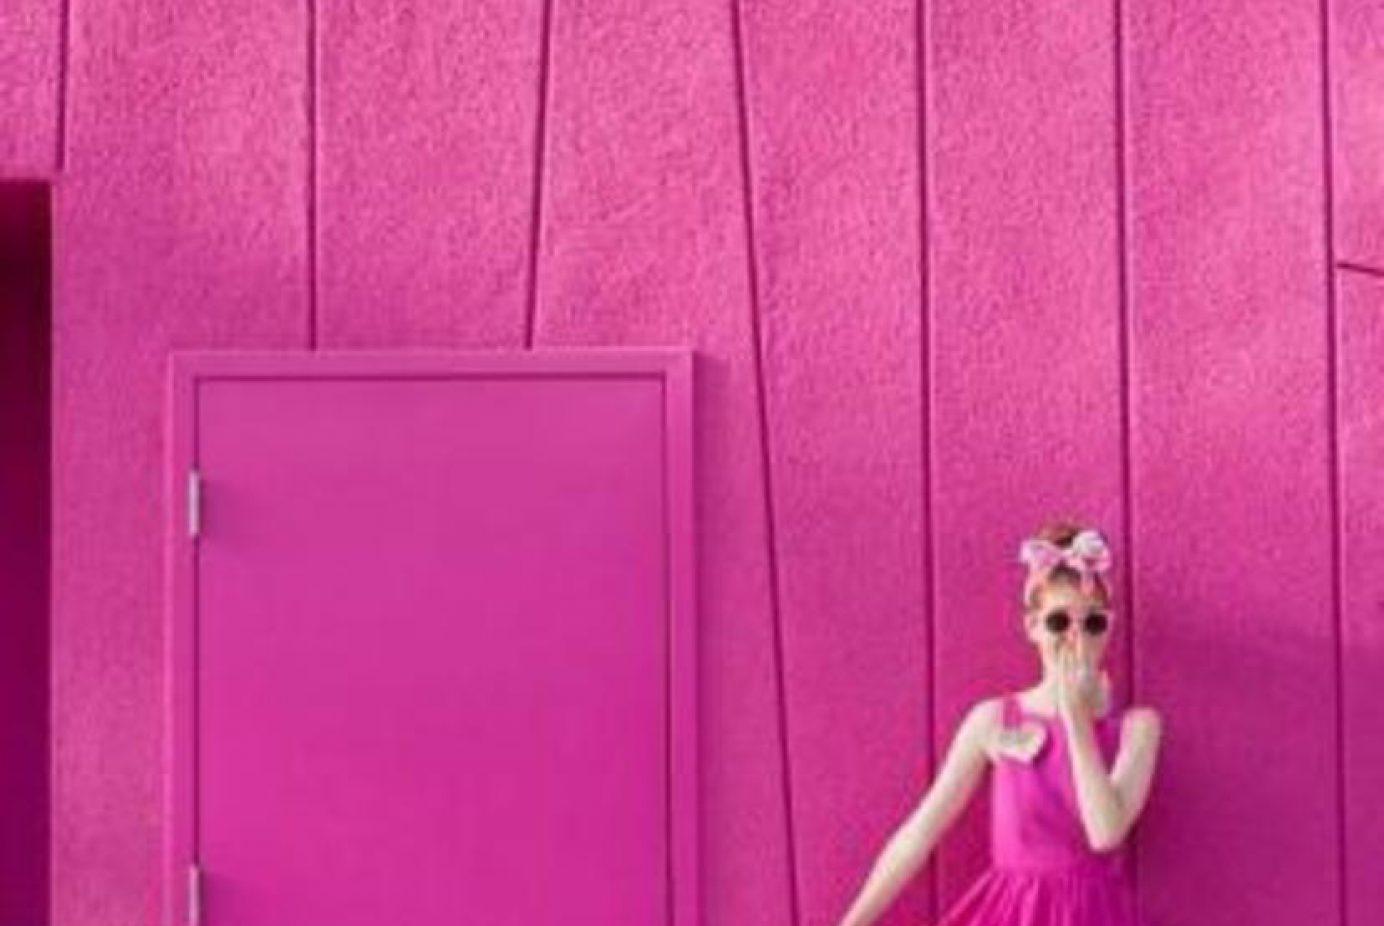 粉紅色全部都聚集在這裡了❤為了可愛時髦的妳準備的粉紅特集❤